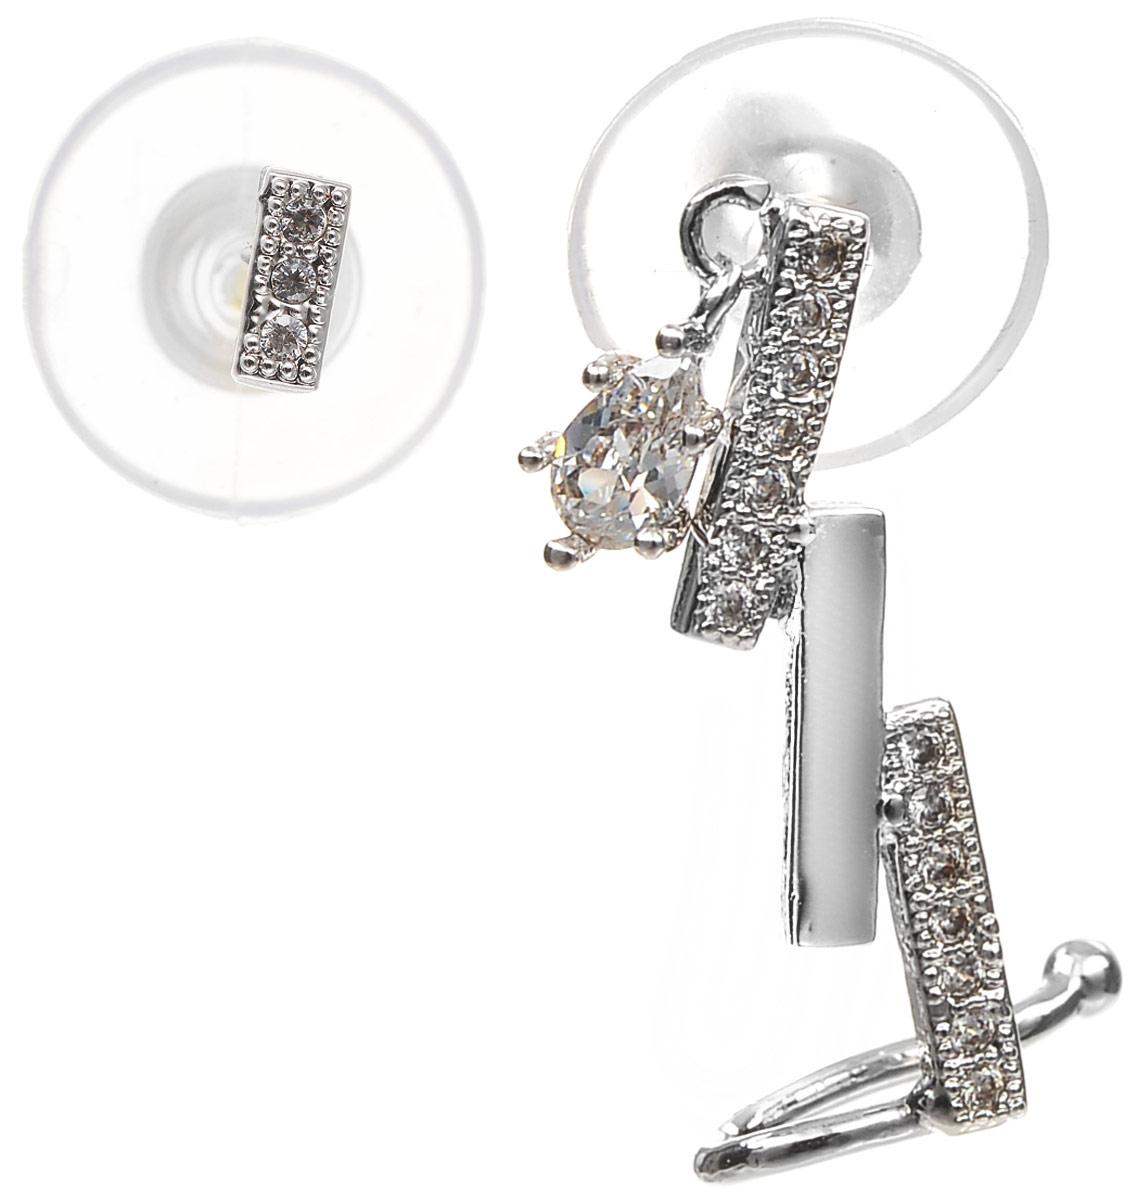 Серьги Art-Silver, цвет: серебряный. СРГ181-386Серьги с подвескамиСтильные серьги Selena выполнены из латуни с гальваническим покрытием. Серьги оформлены оригинальными декоративными вставками. Такие серьги будут ярким дополнением вашего образа.